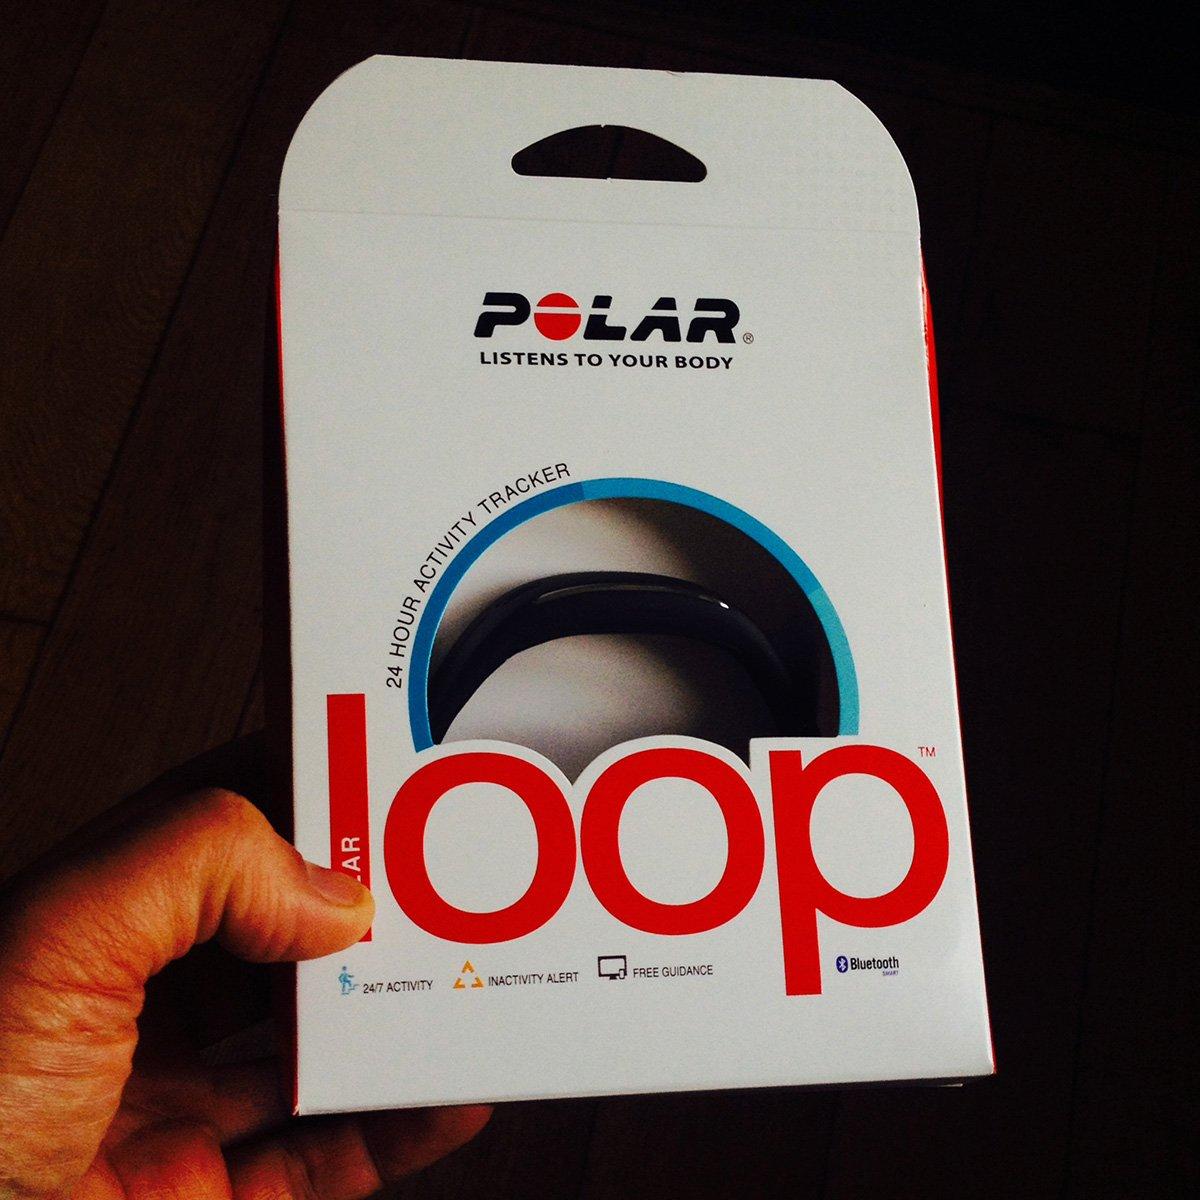 PolarBox2 Suite Update